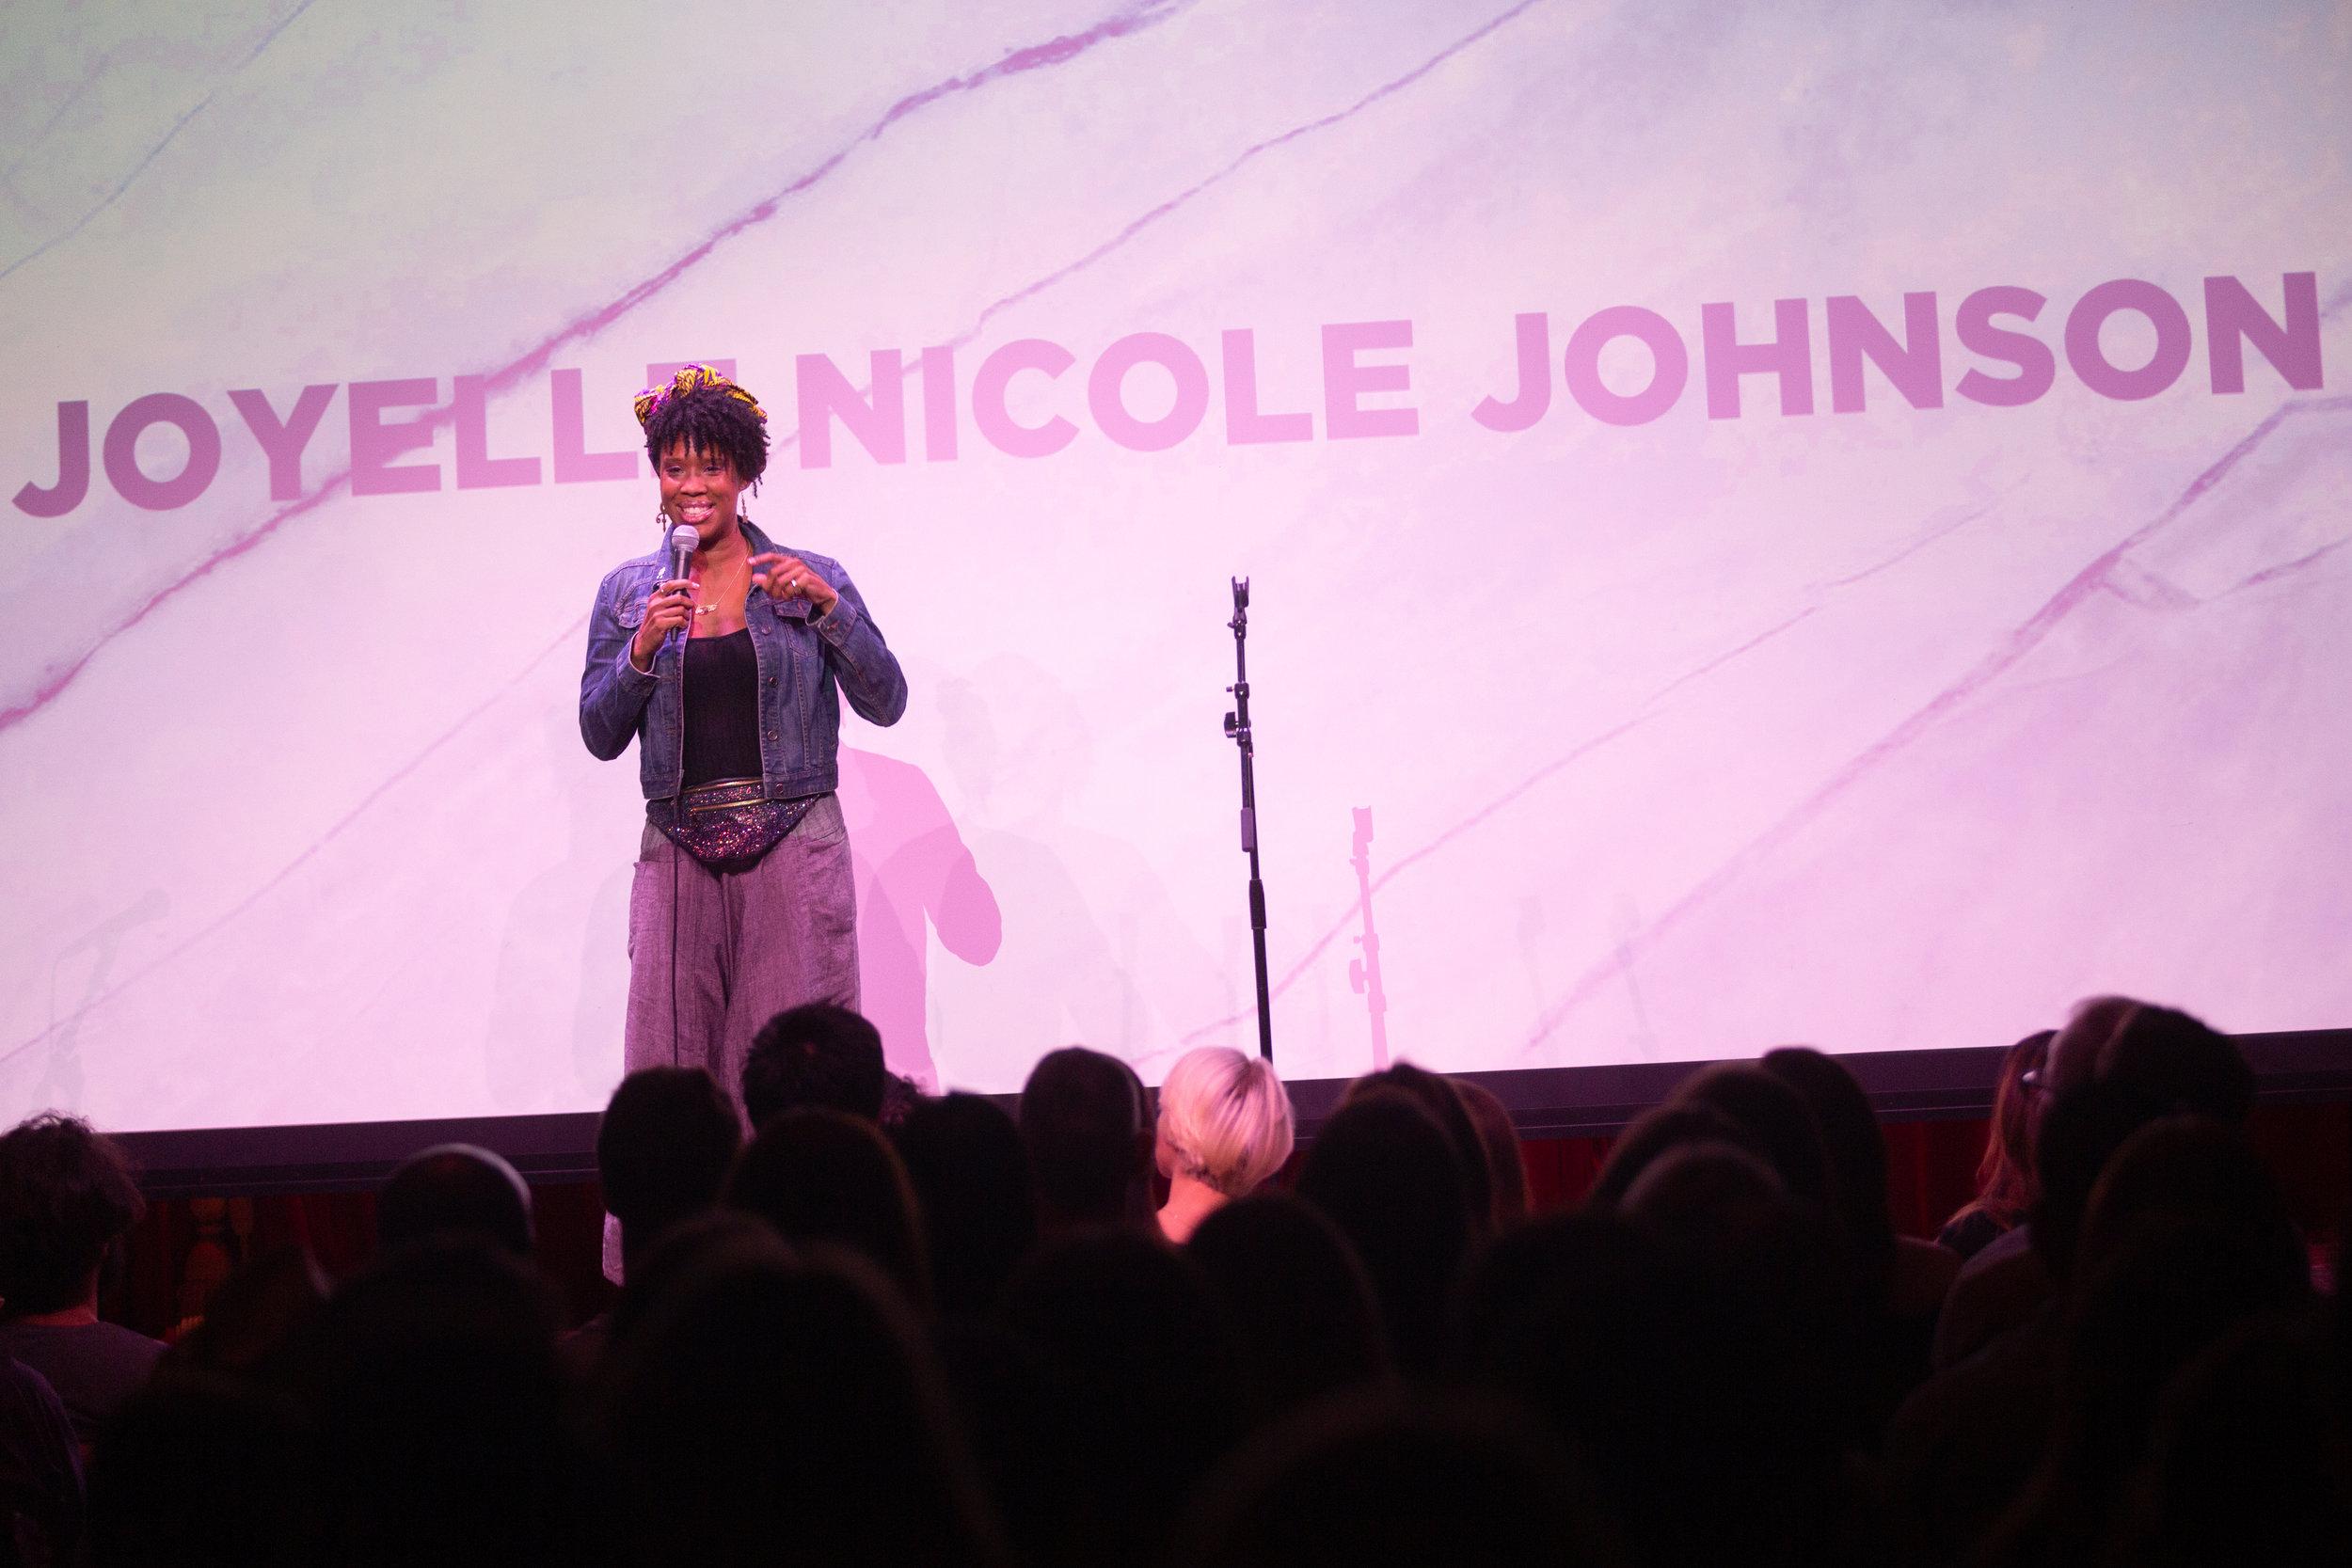 Joyelle Nicole Johnson   Photo:  Arin Sang-Urai